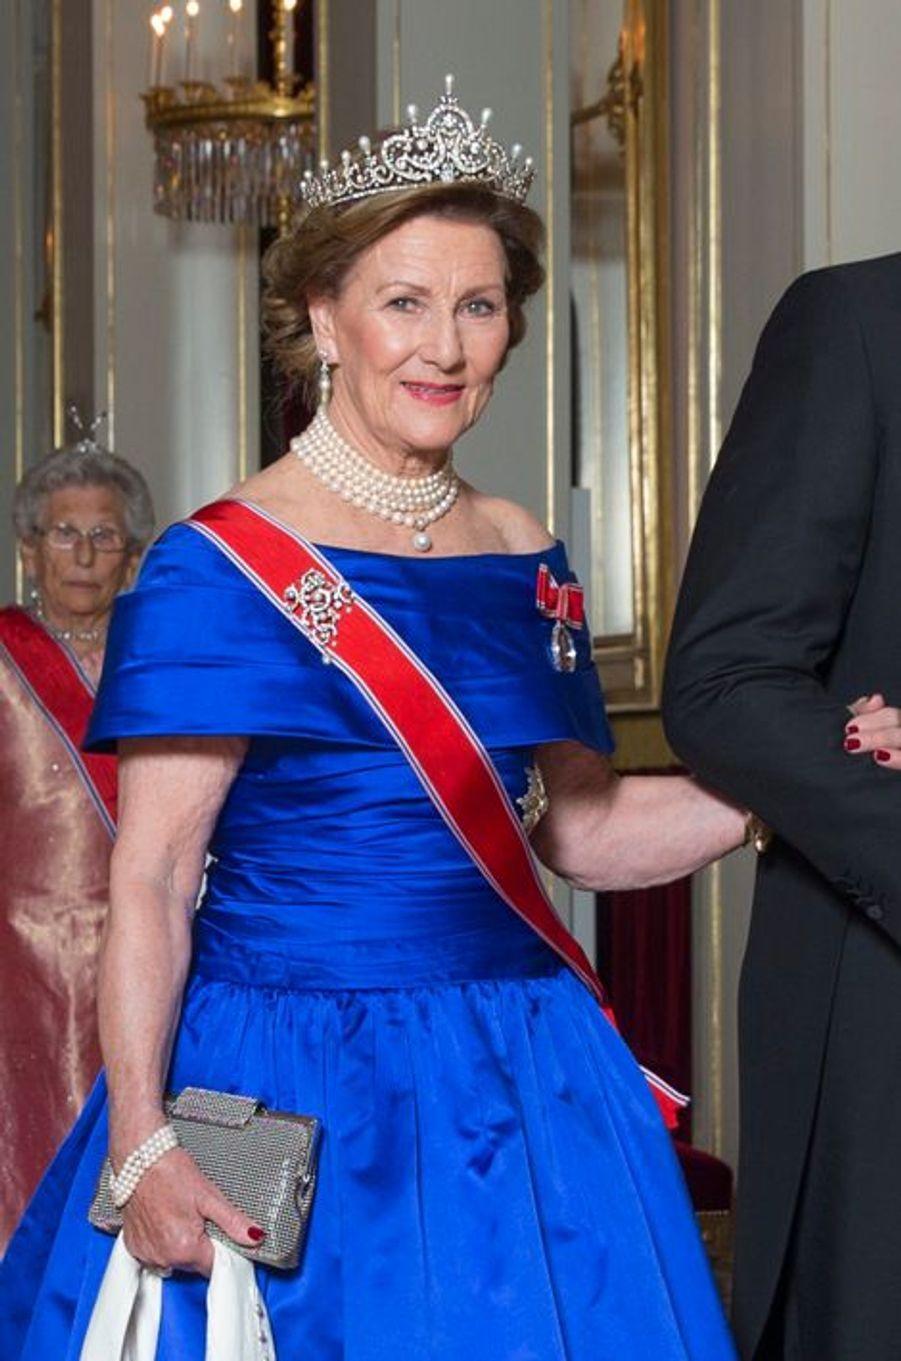 La reine Sonja de Norvège au Palais royal à Oslo, le 22 octobre 2015